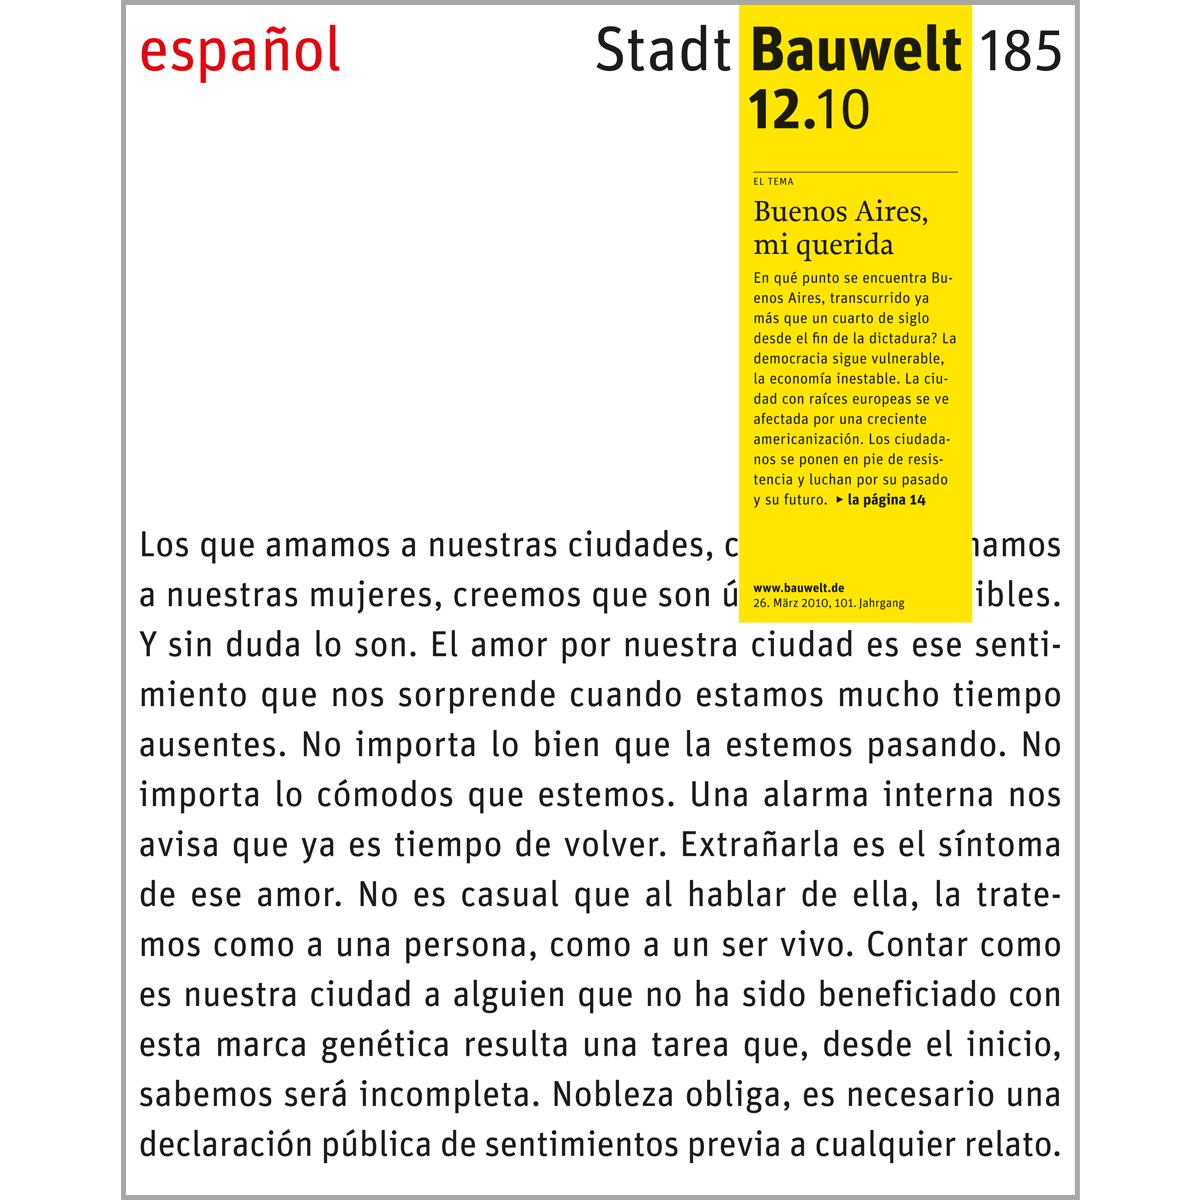 Bauwelt 185, 12.10: Buenos Aires, mi querida